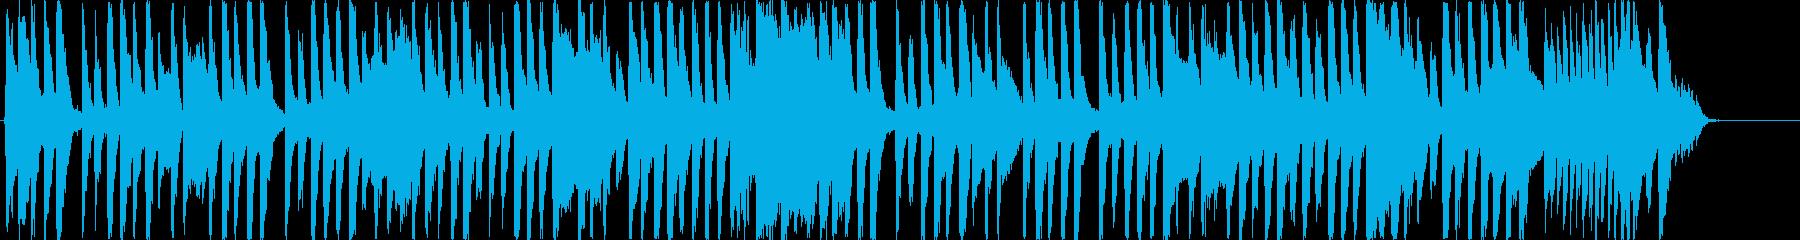 変わった音色のシンセメインのOP曲の再生済みの波形